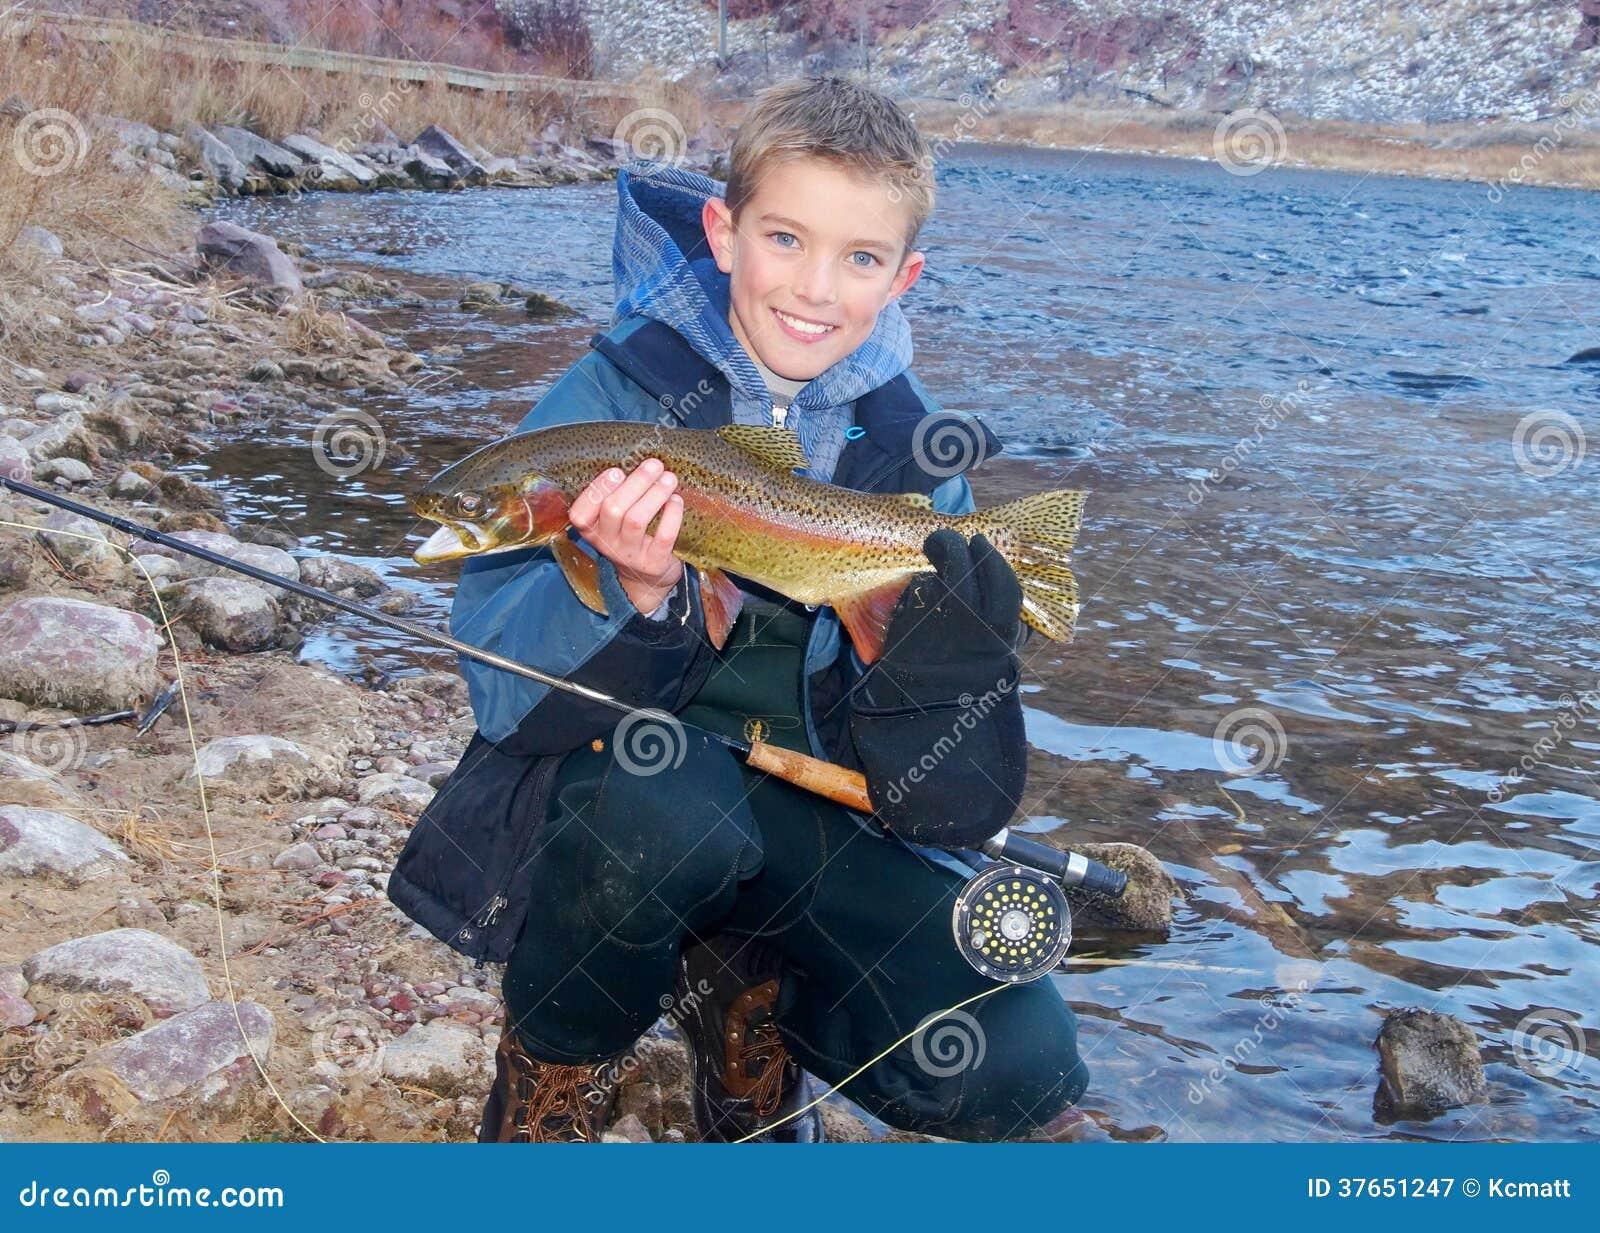 Kinderfischen - Halten einer Trophäenforelle